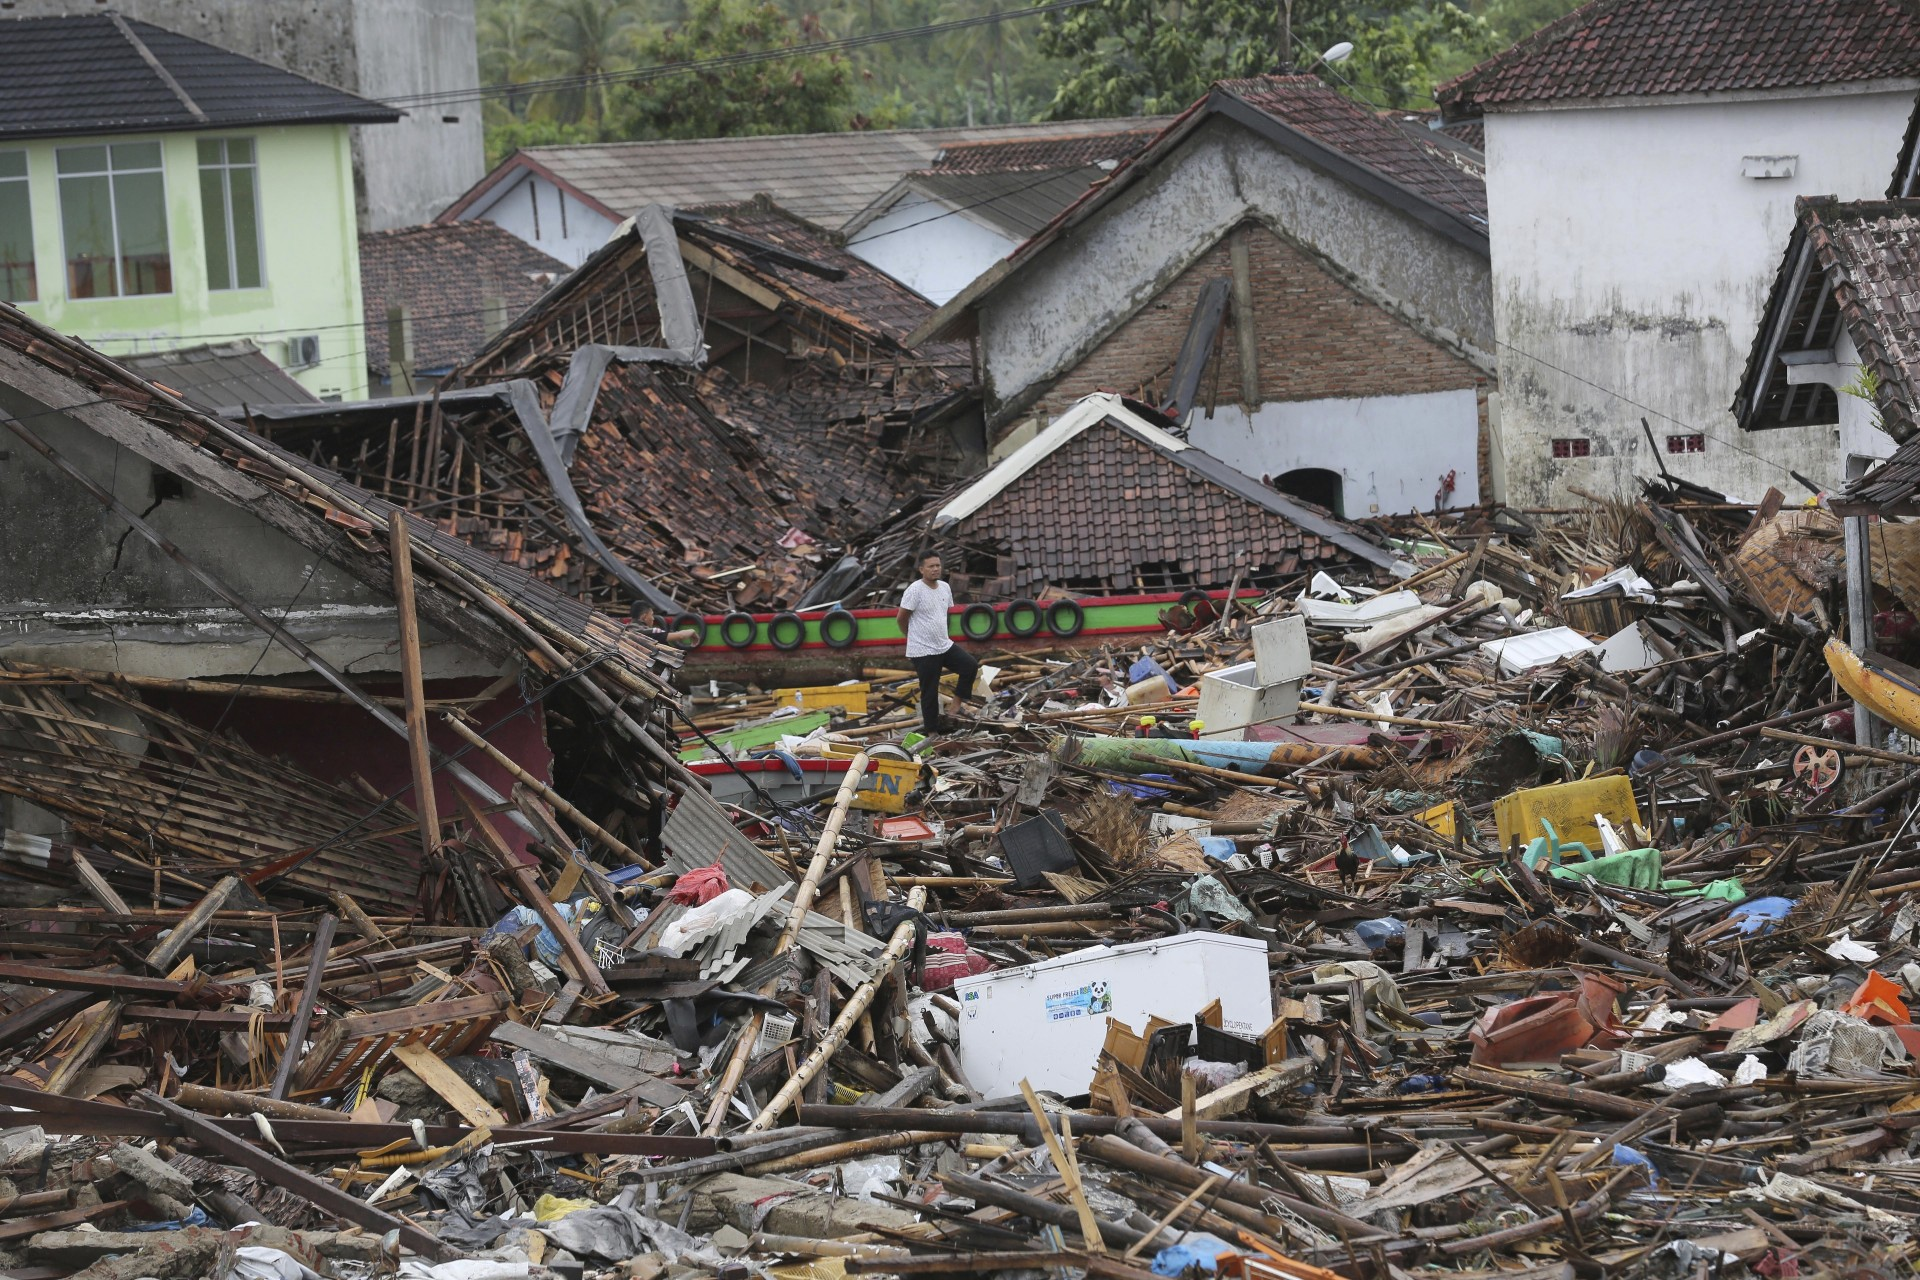 Un hombre inspecciona los daños en una aldea devastada por el tsunami en Sumur, Indonesia, el martes 25 de diciembre de 2018.